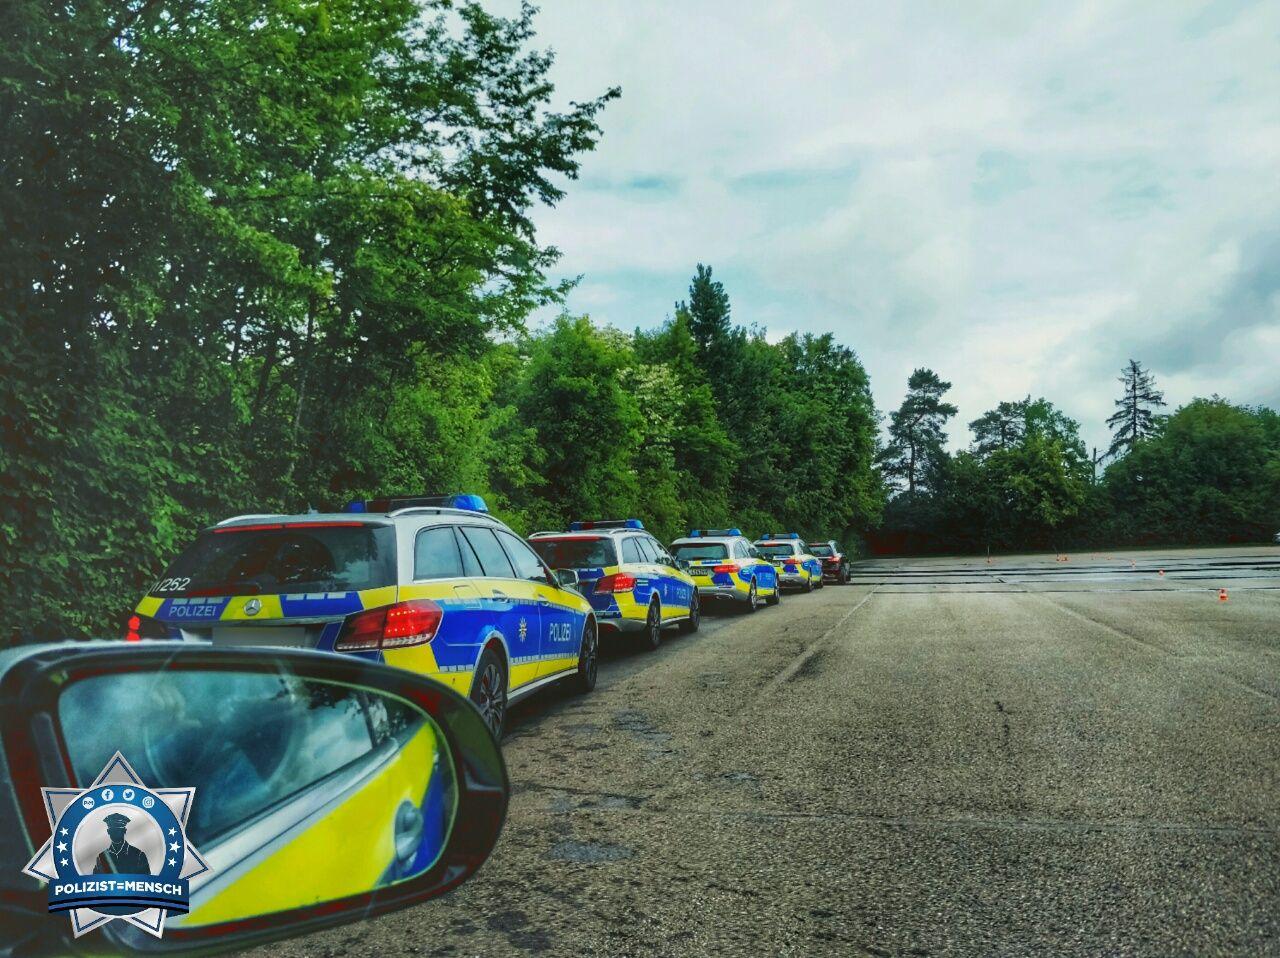 Liebes Polizistmensch Team Wir Waren Beim Fahrtsicherheitstraining